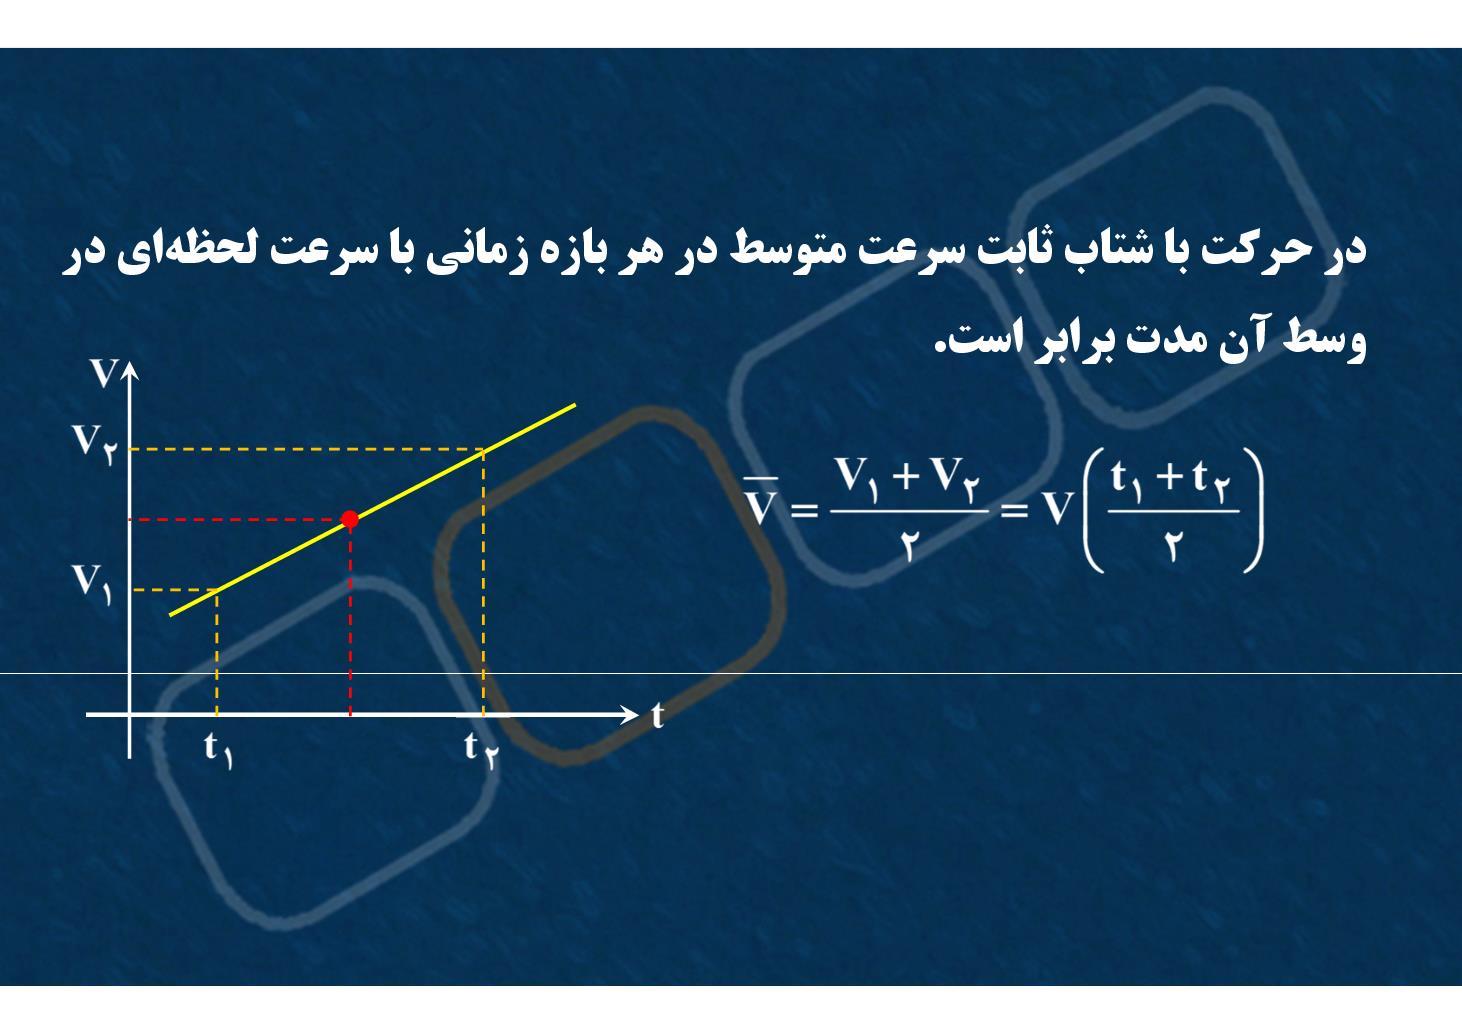 فیزیک٢- فصل ٢- سؤال ترکیبی حرکت با شتاب ثابت روی خط راست- بخش ٣ (PDF)